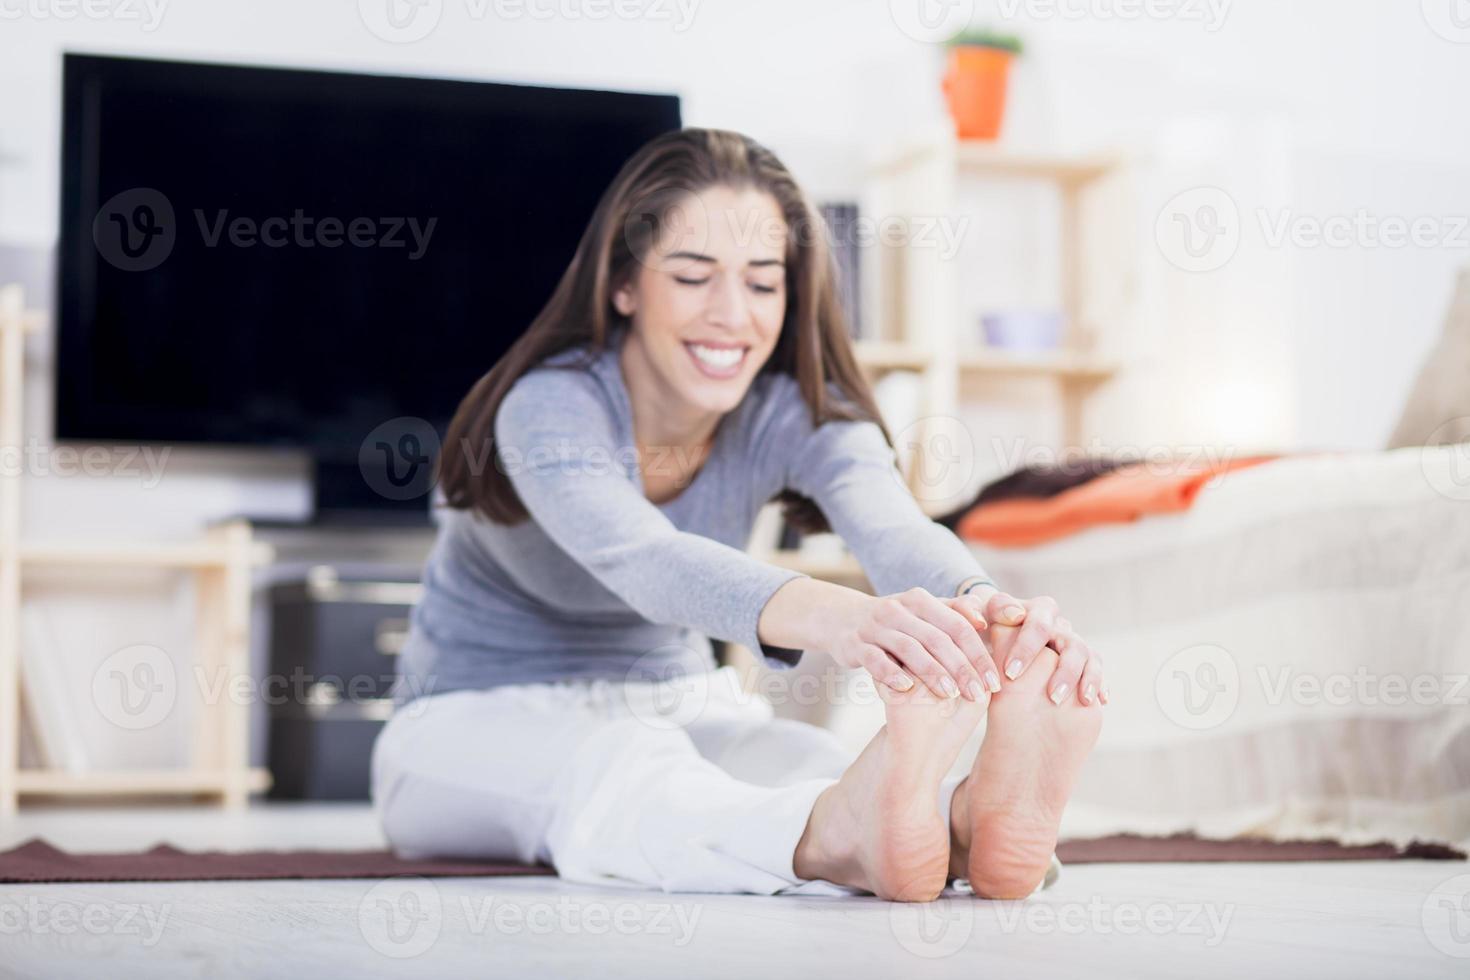 Frau macht Fitness zu Hause im Wohnzimmer foto